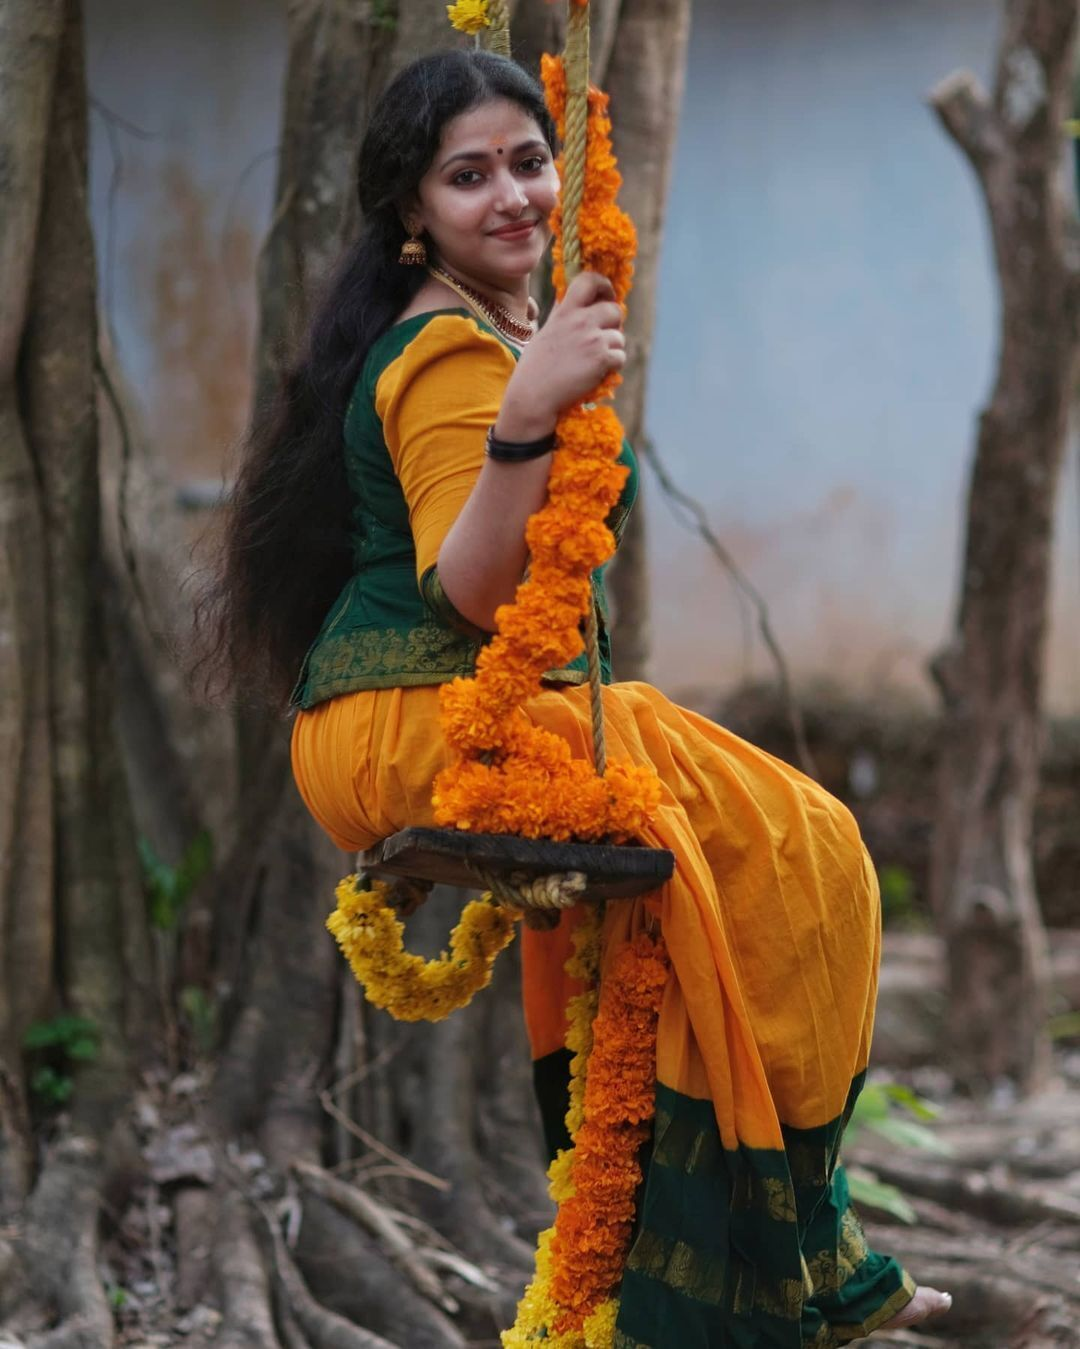 സിംപിൾ ലുക്കിൽ സുന്ദരിയായി അനു സിത്താര- ചിത്രങ്ങൾ കാണാം